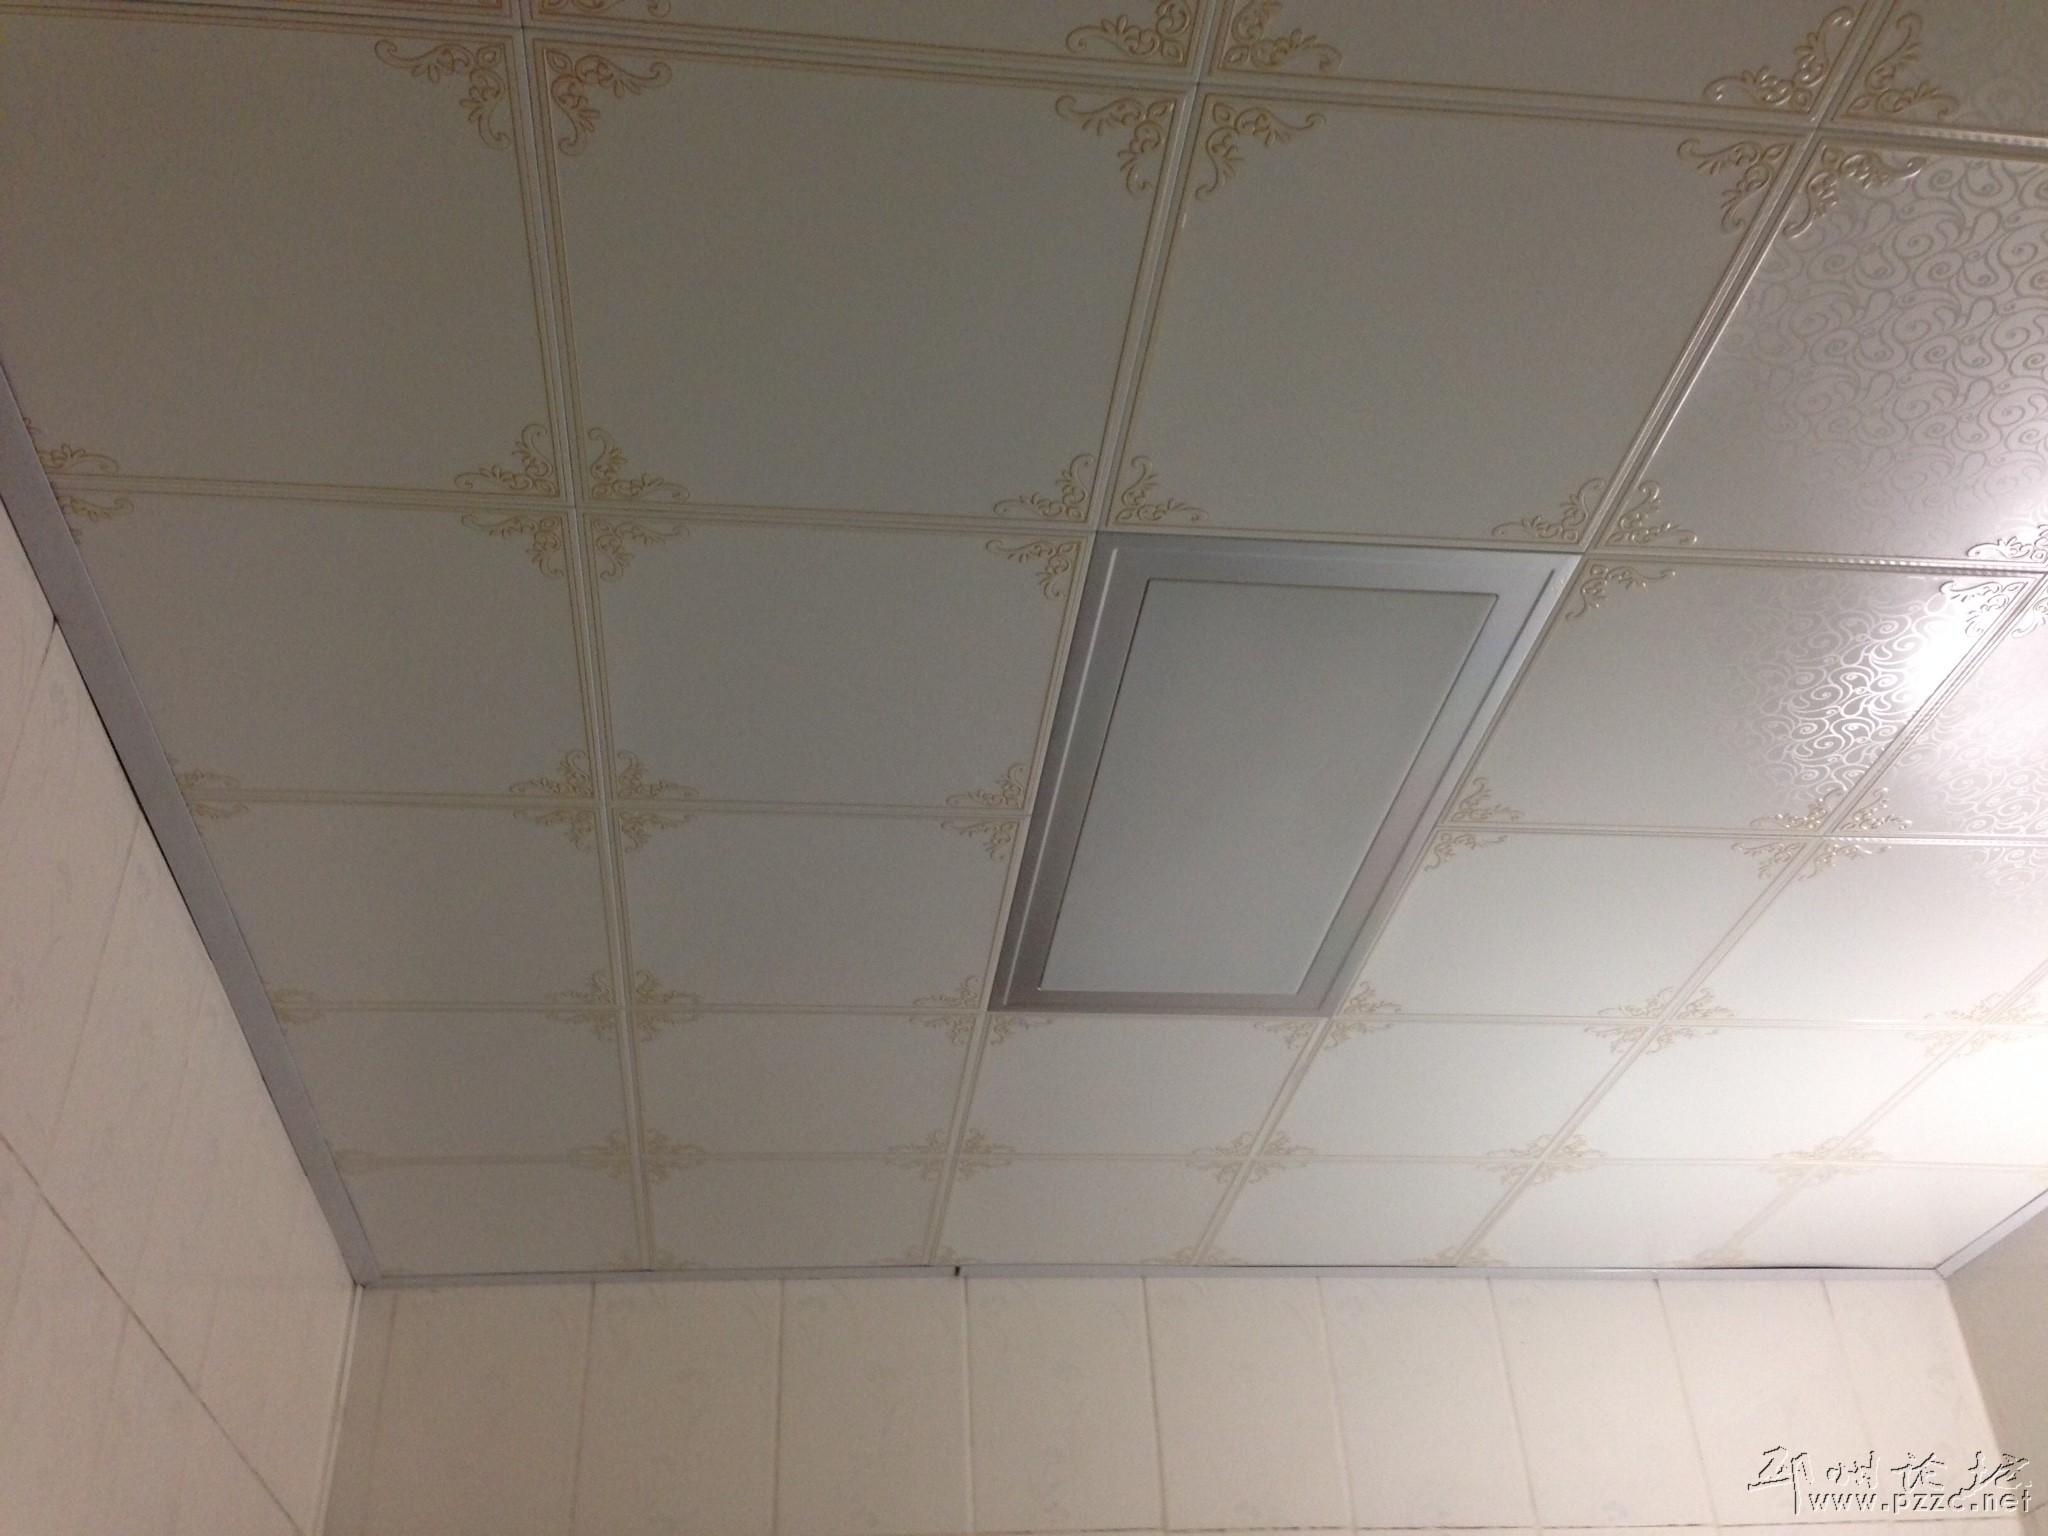 把四周收边条和墙之间的空隙给补上了,目前看来,效果不错,跟专业吊顶